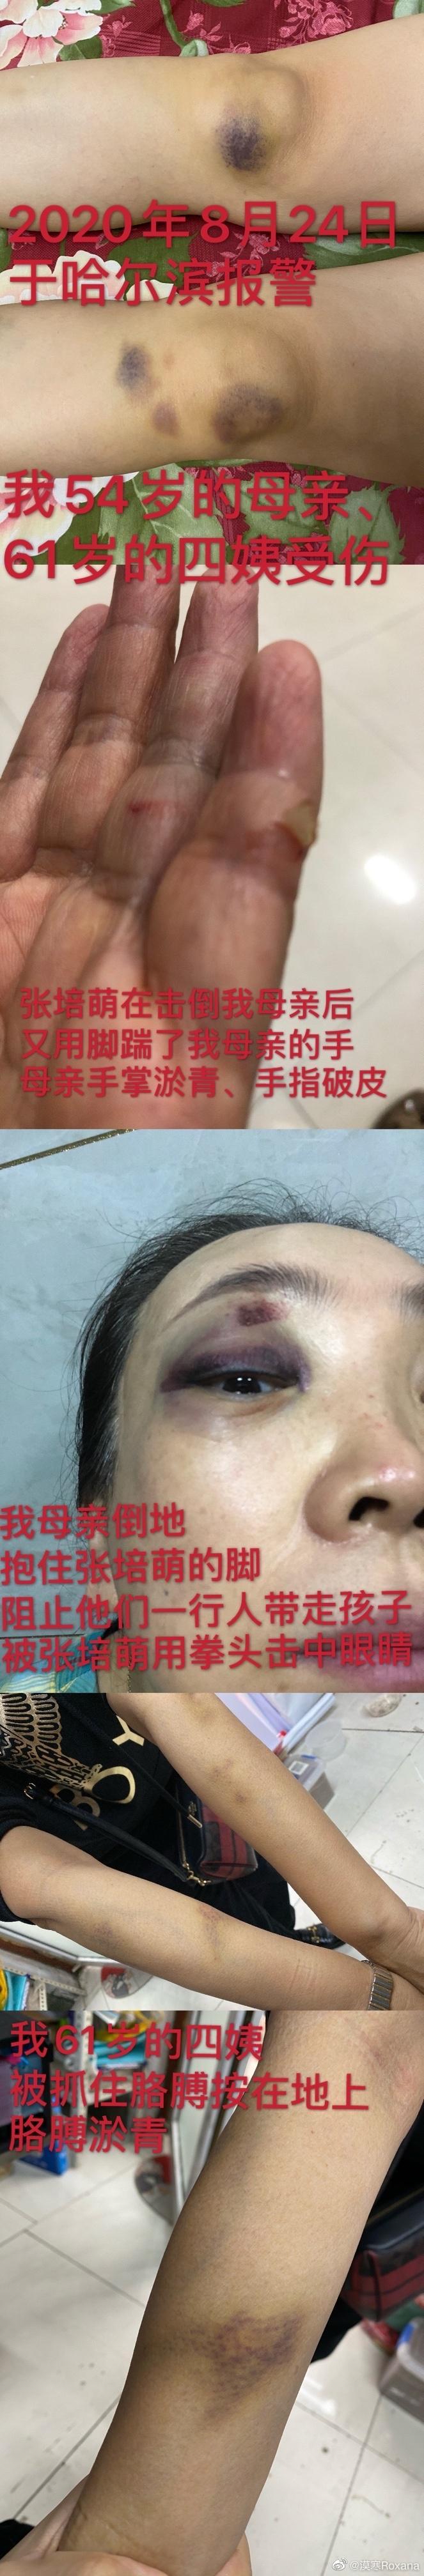 张培萌妻子控诉:父母被其殴打 他不让我见女儿